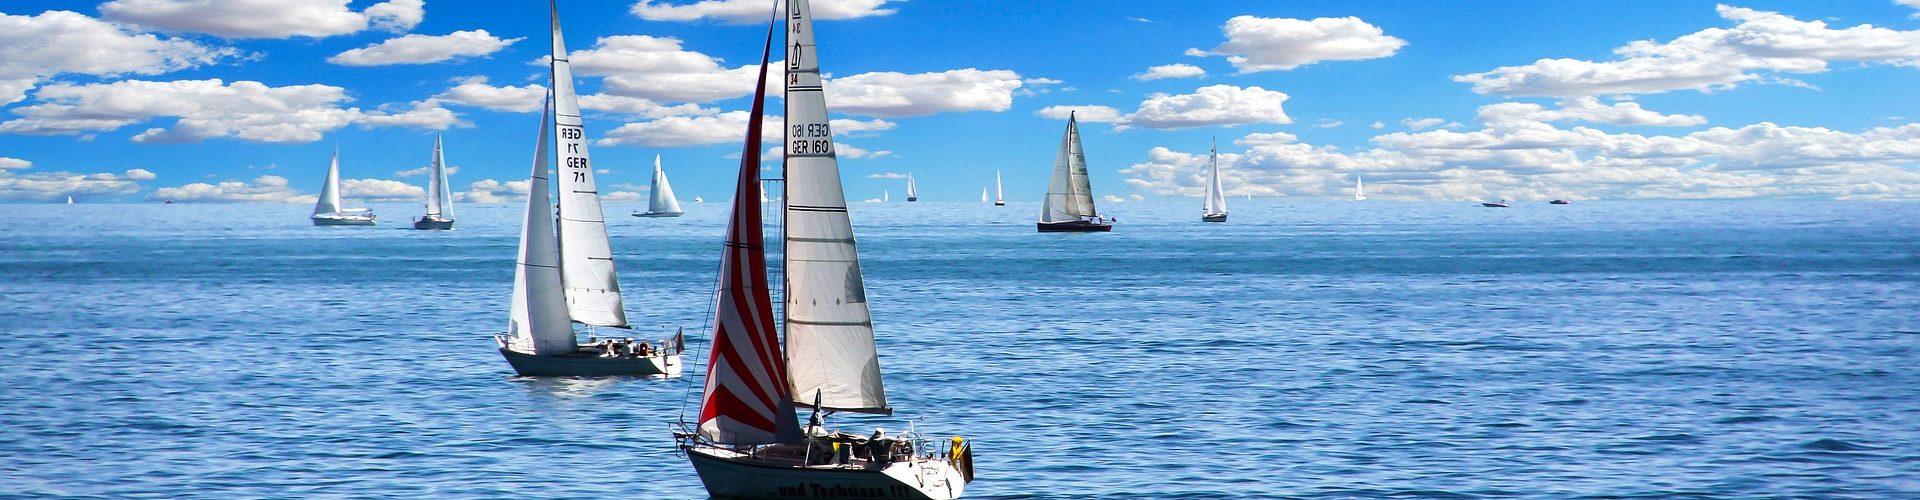 segeln lernen in Quakenbrück segelschein machen in Quakenbrück 1920x500 - Segeln lernen in Quakenbrück